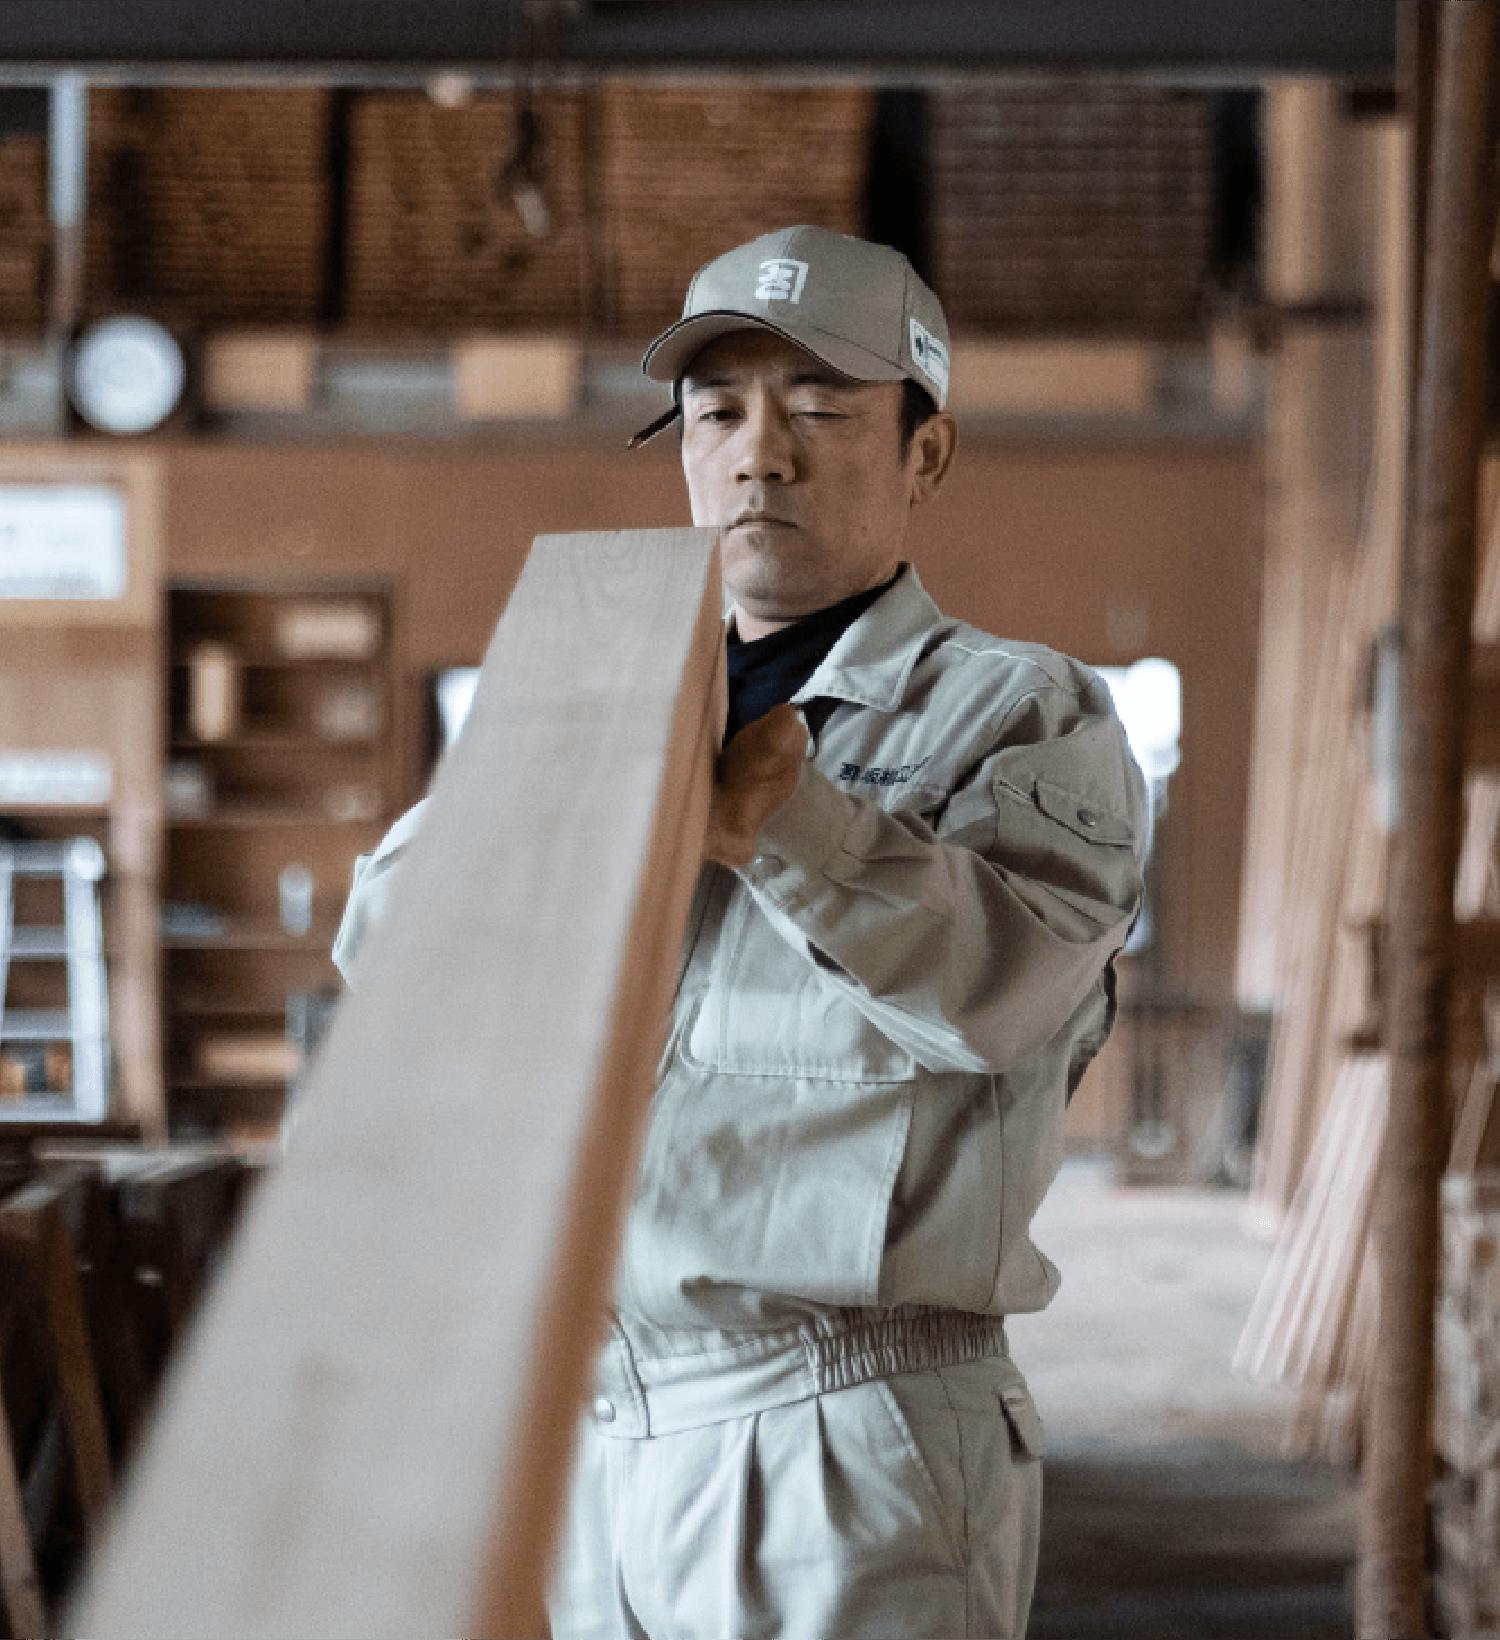 加工場で木材を加工する大工